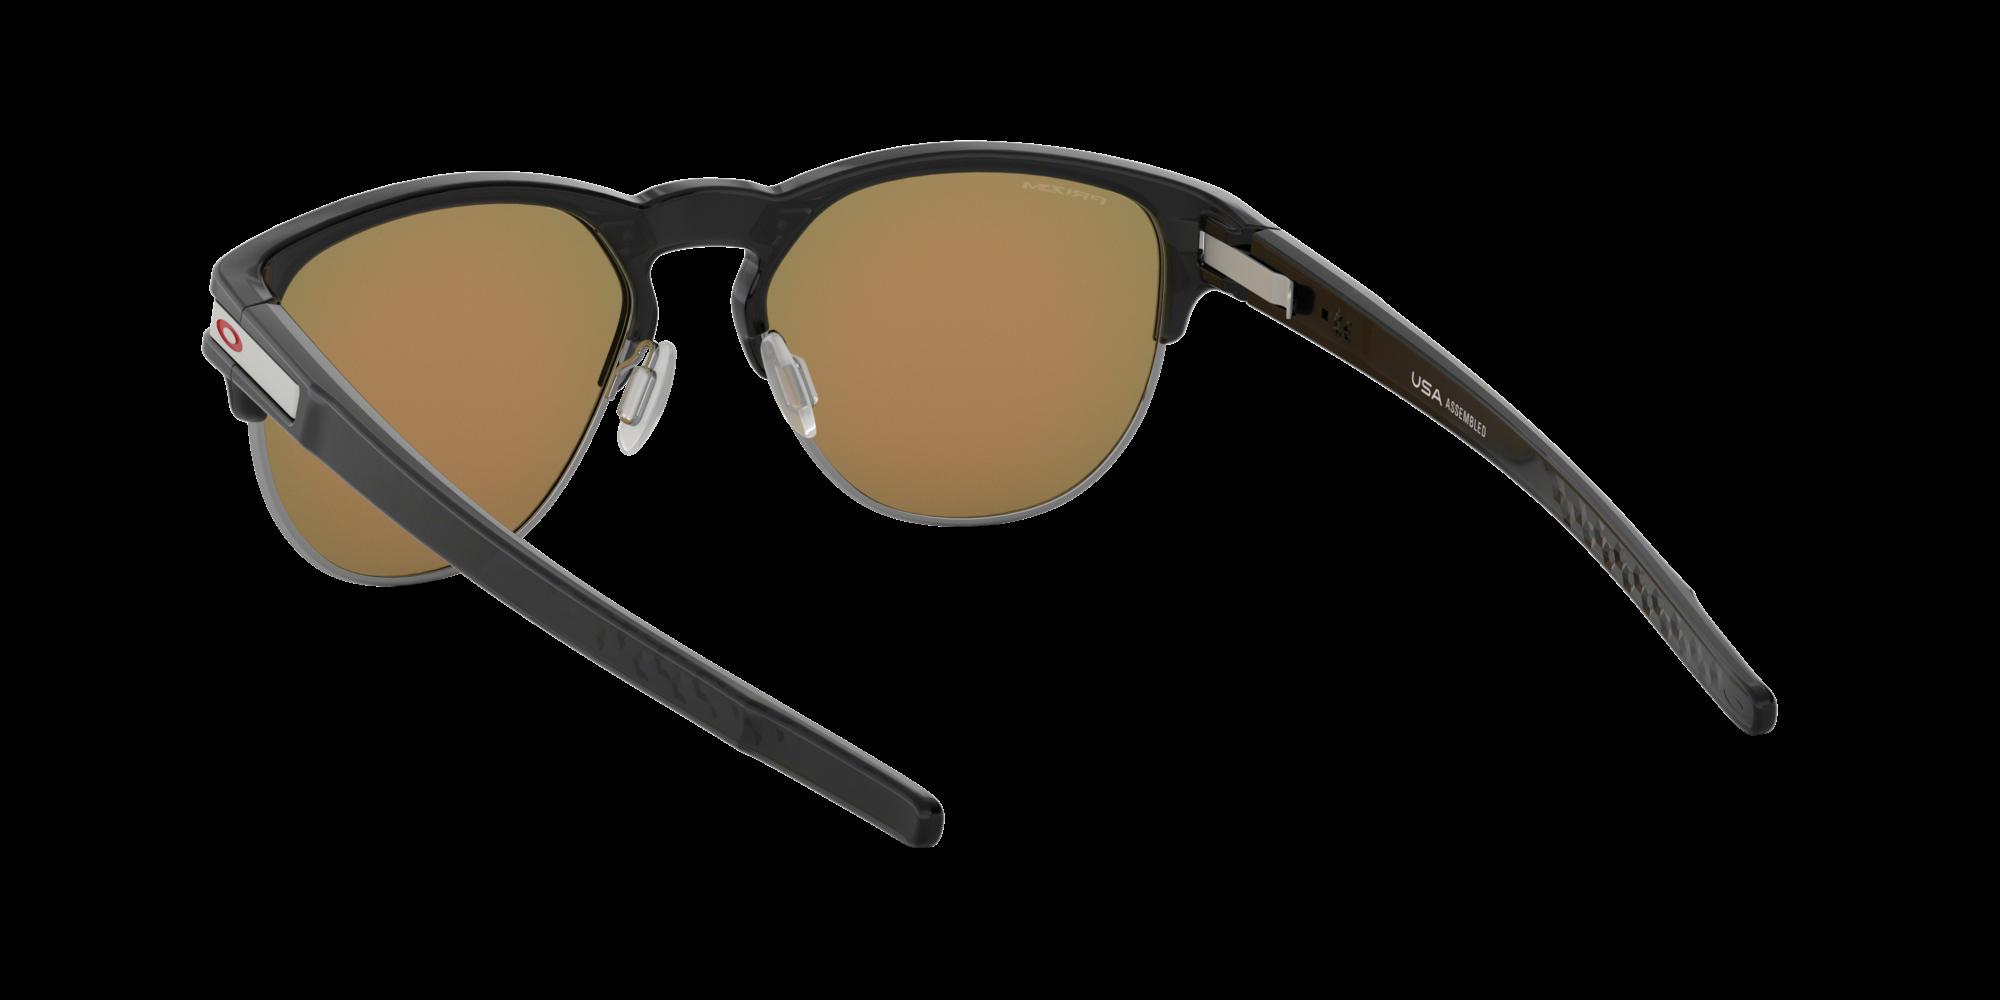 78da808fdfb ... sweden sunglasses oakley latch key black prizm oo9394 04 55 18 medium  gradient mirror e3e23 e8e6a